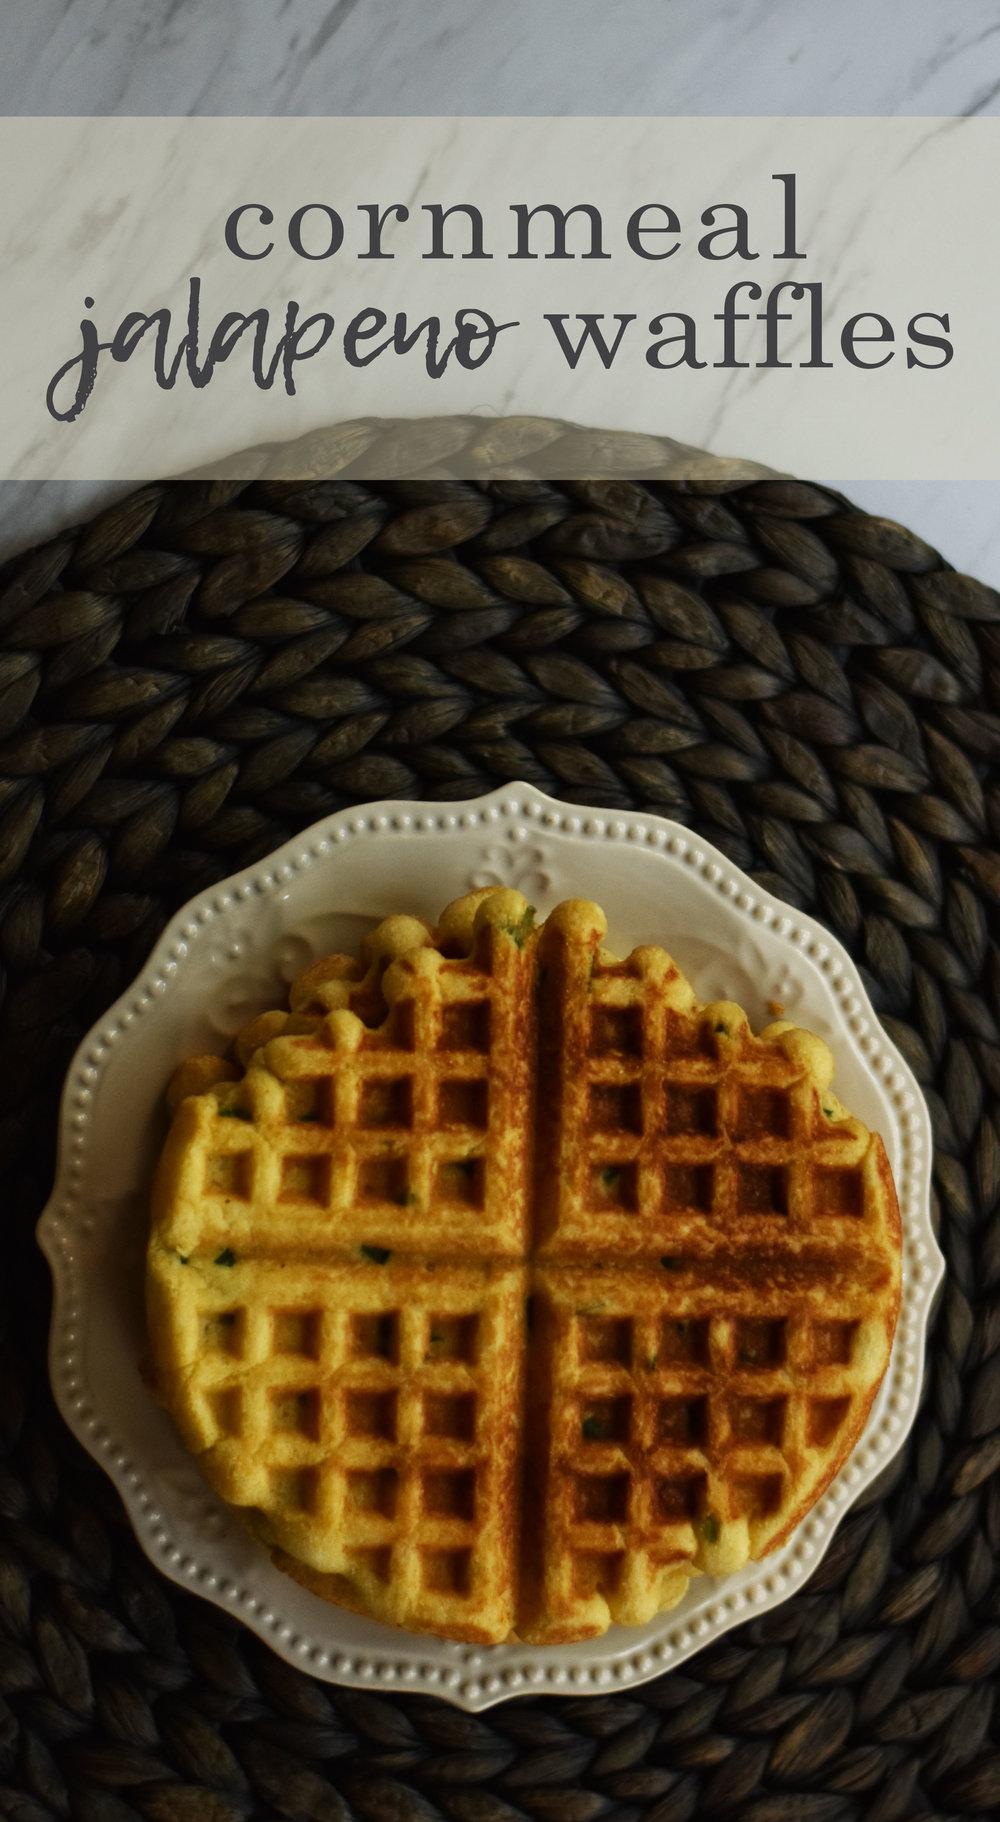 Cornmeal Jalapeno Waffles